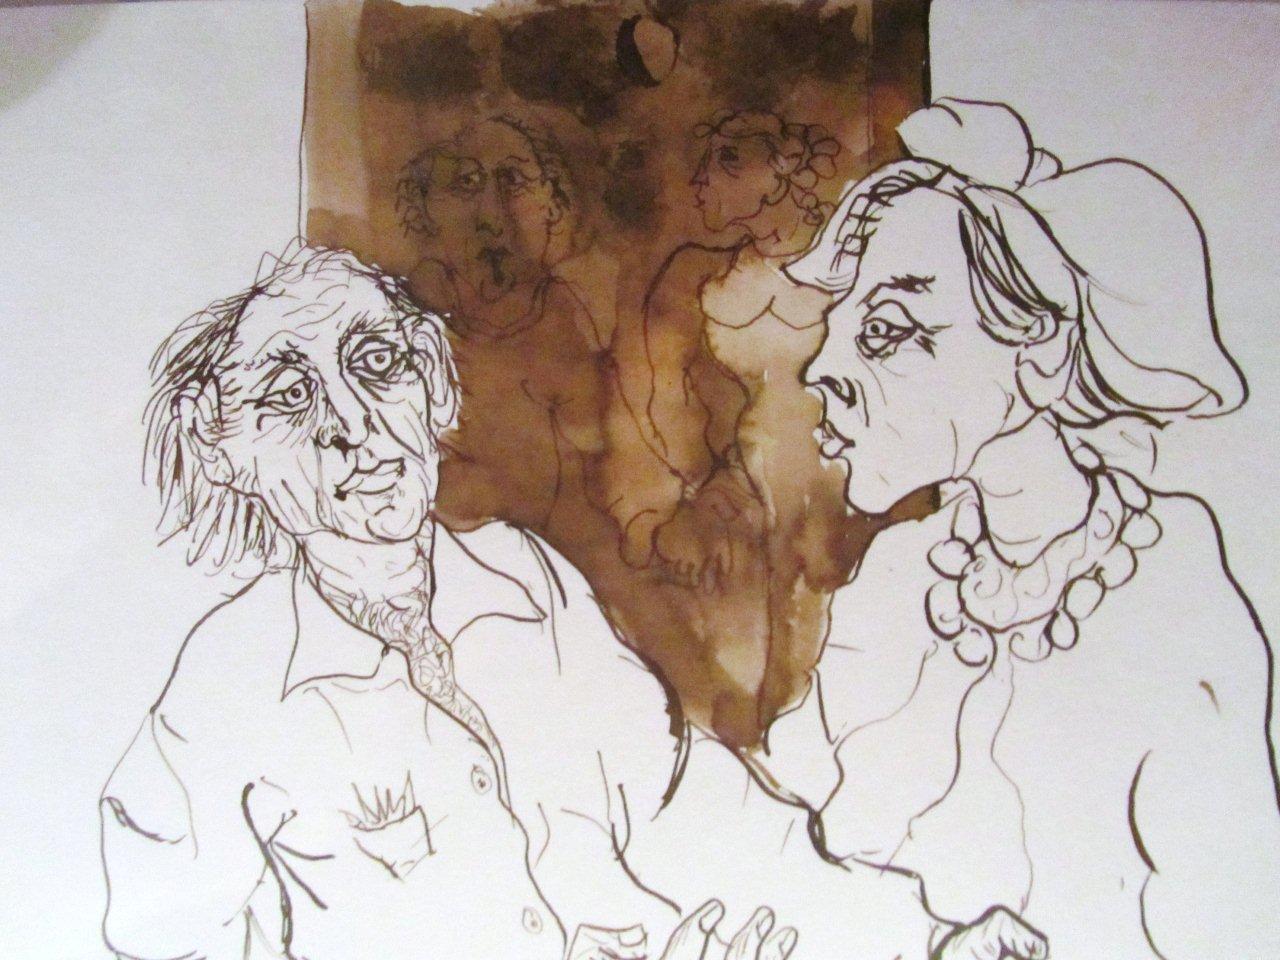 vanetti+disegni+e+schizzi+(169).jpg